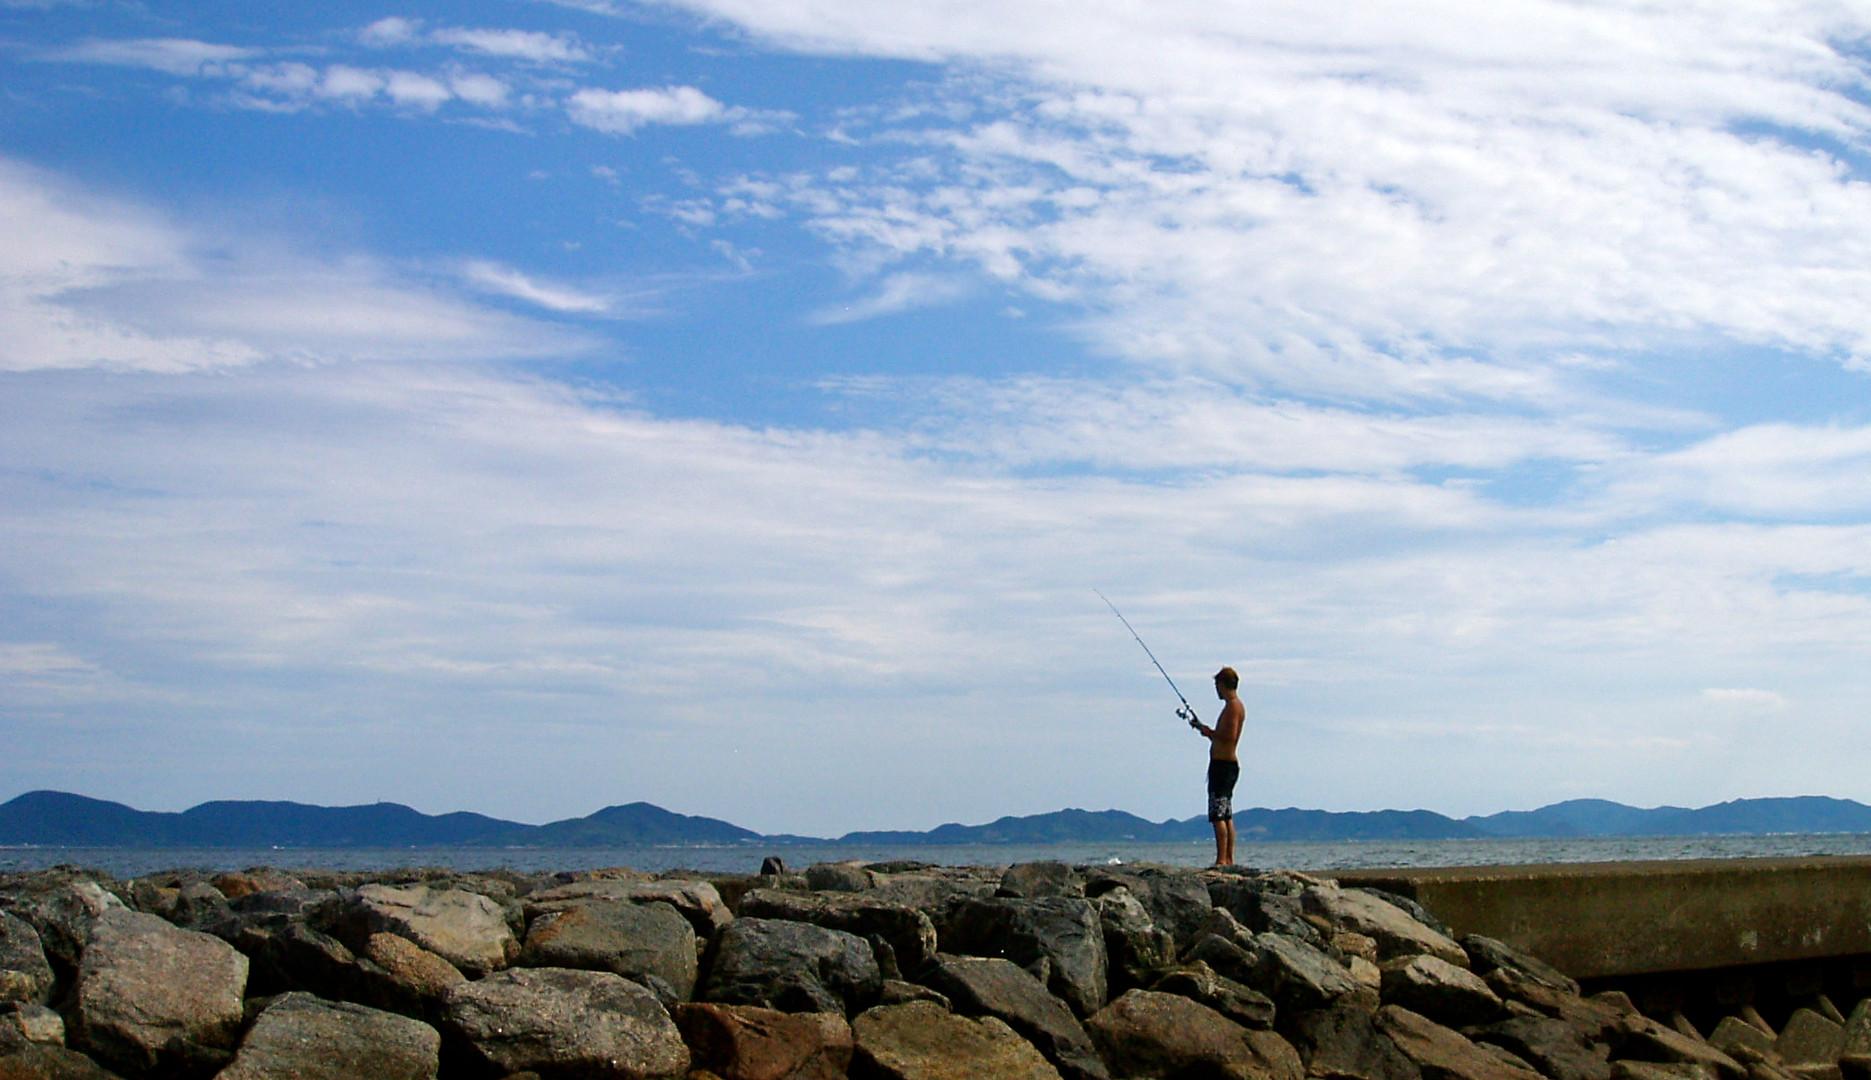 Fishing | Okazaki, Japan, 2008